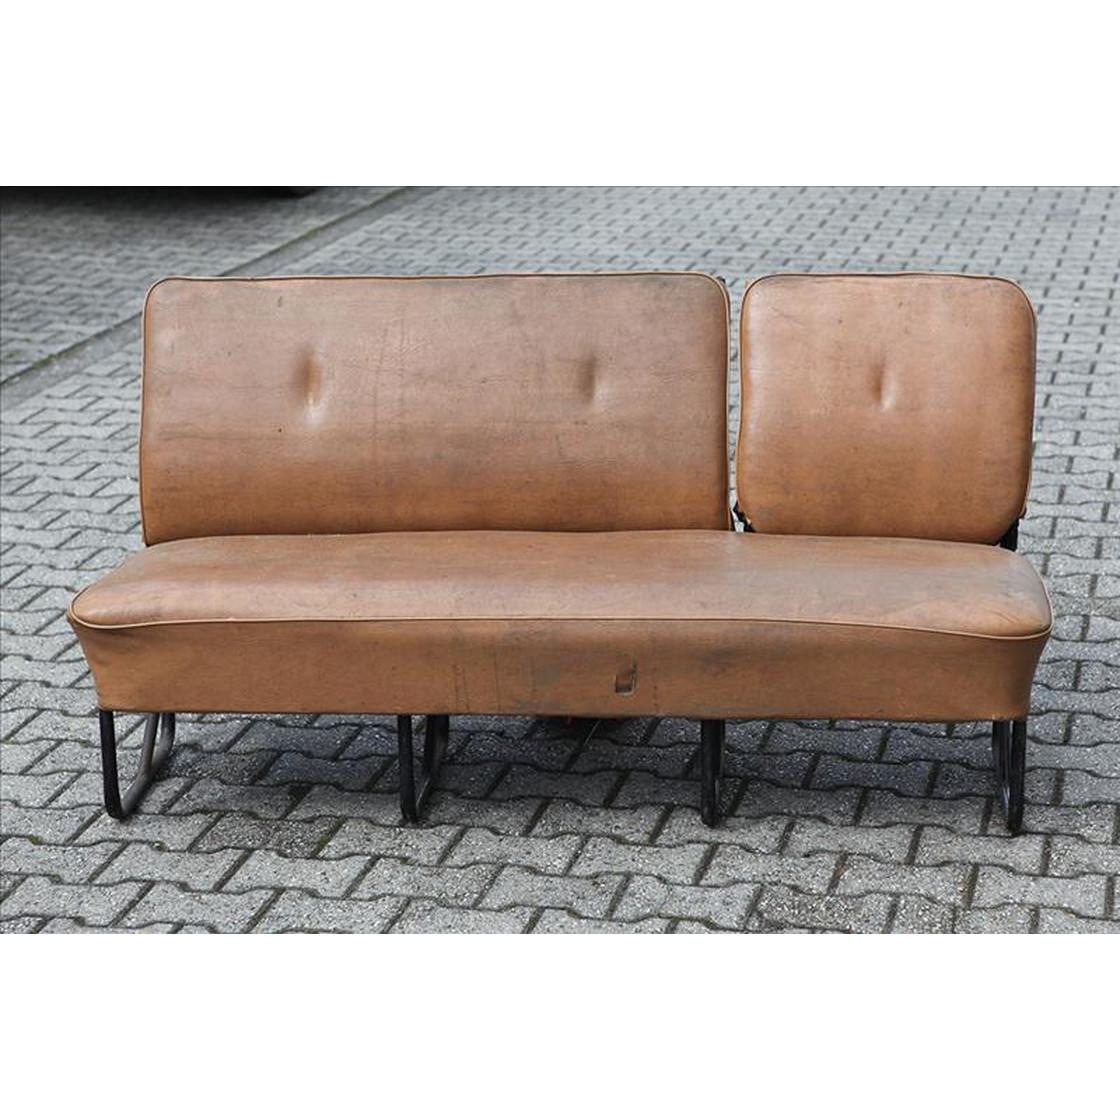 t2 sitzbank hellbraun f r schiebet r links gebraucht bus 466 00. Black Bedroom Furniture Sets. Home Design Ideas